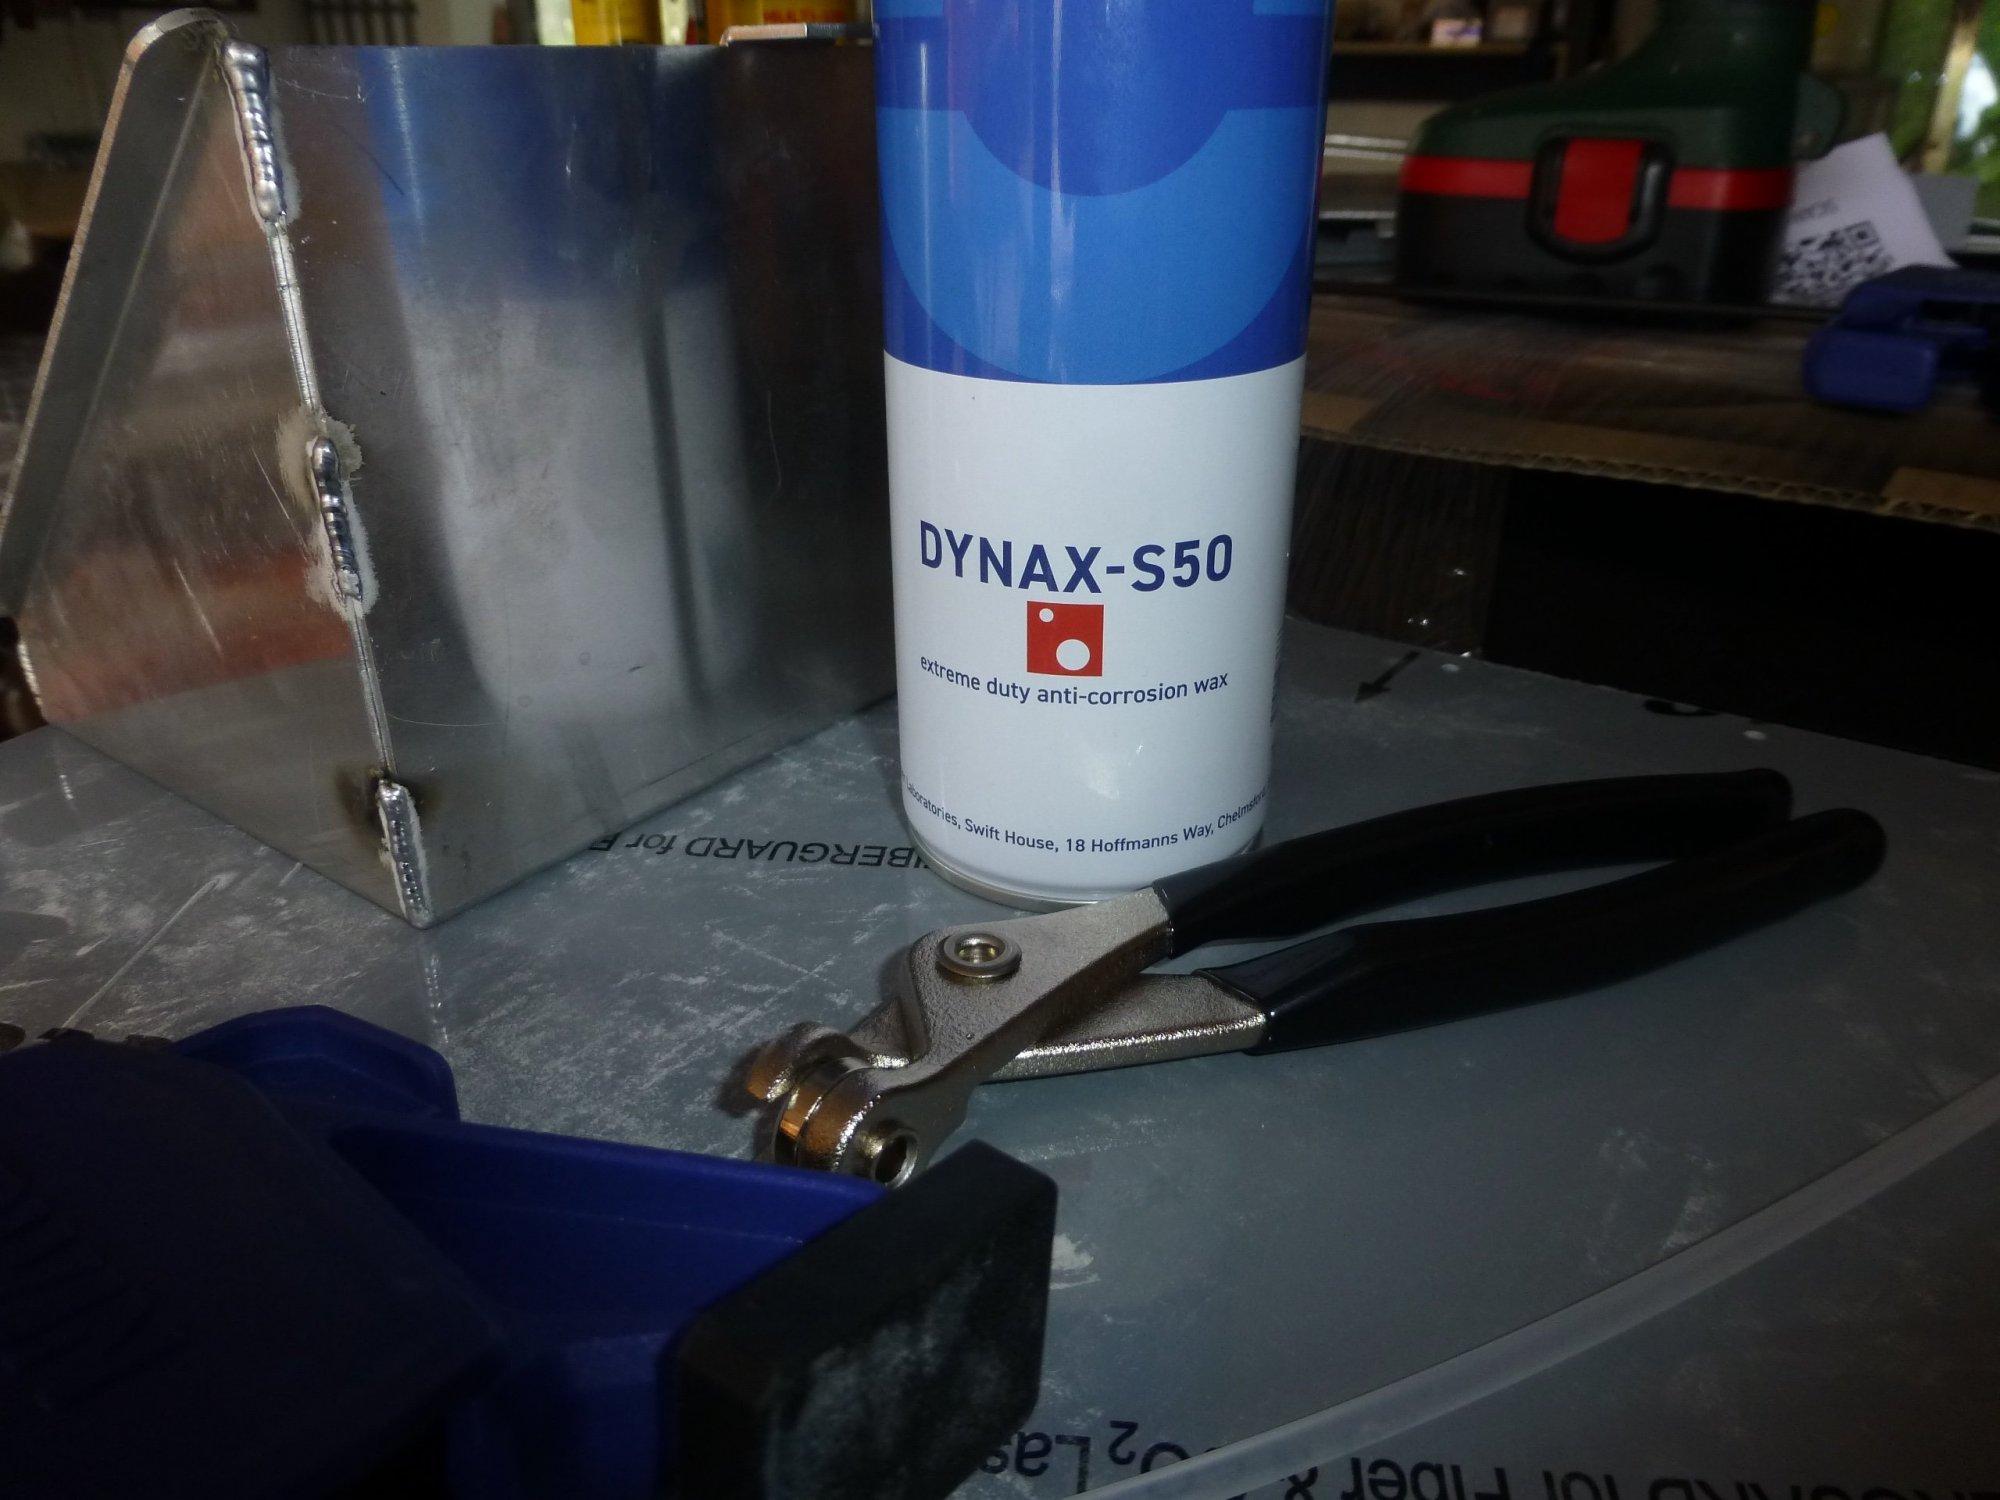 851309A8-89FA-4BBB-A82F-22C6AF55B75E.thumb.jpeg.d8c37a93bfd6c66b70abf80cb8776235.jpeg